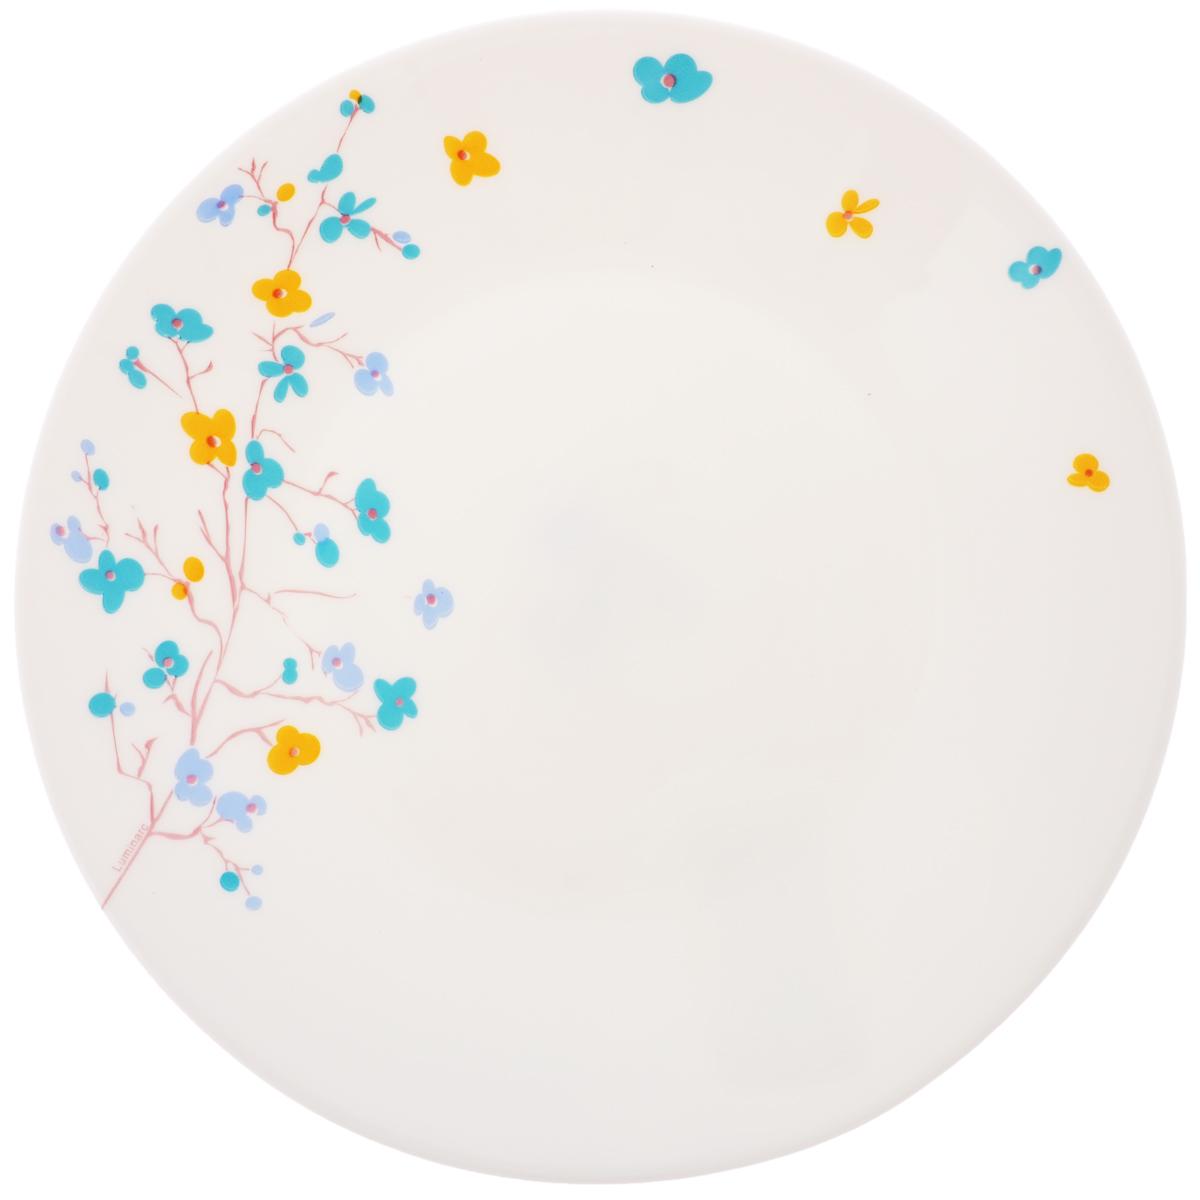 Тарелка десертная Luminarc Zen Essence, диаметр 19,5 см54 009303Десертная тарелка Luminarc Zen Essence, изготовленная из ударопрочного стекла, имеет изысканный внешний вид. Такая тарелка прекрасно подходит как для торжественных случаев, так и для повседневного использования. Идеальна для подачи десертов, пирожных, тортов и многого другого. Она прекрасно оформит стол и станет отличным дополнением к вашей коллекции кухонной посуды. Диаметр тарелки (по верхнему краю): 19,5 см.